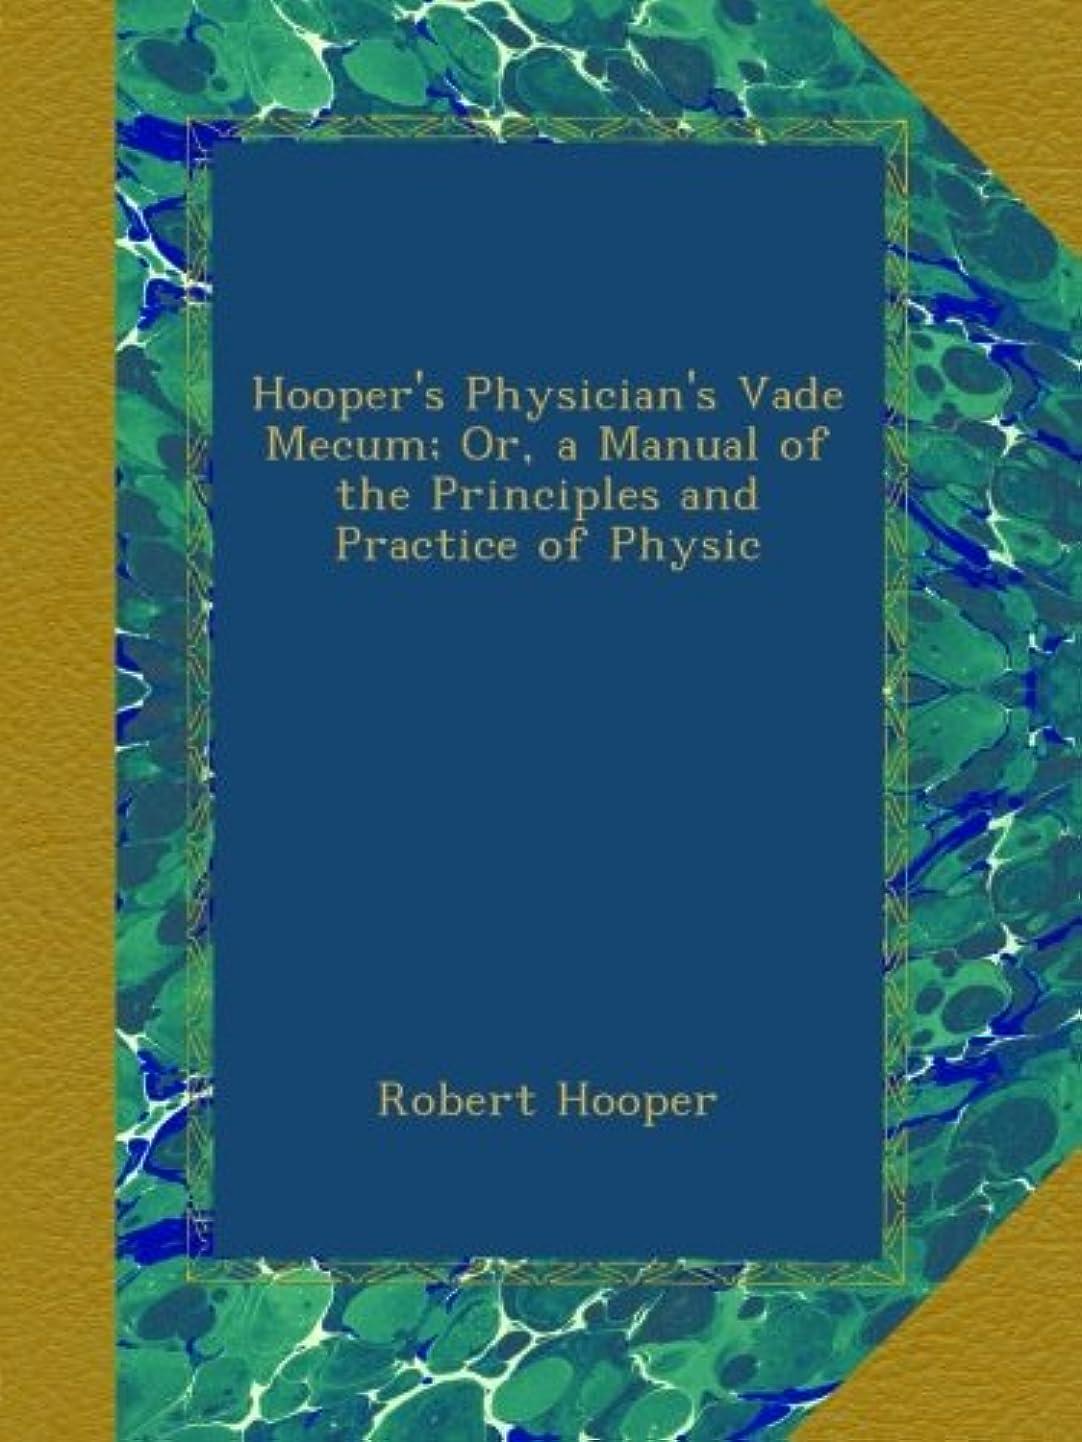 ちらつきスピーチデクリメントHooper's Physician's Vade Mecum; Or, a Manual of the Principles and Practice of Physic